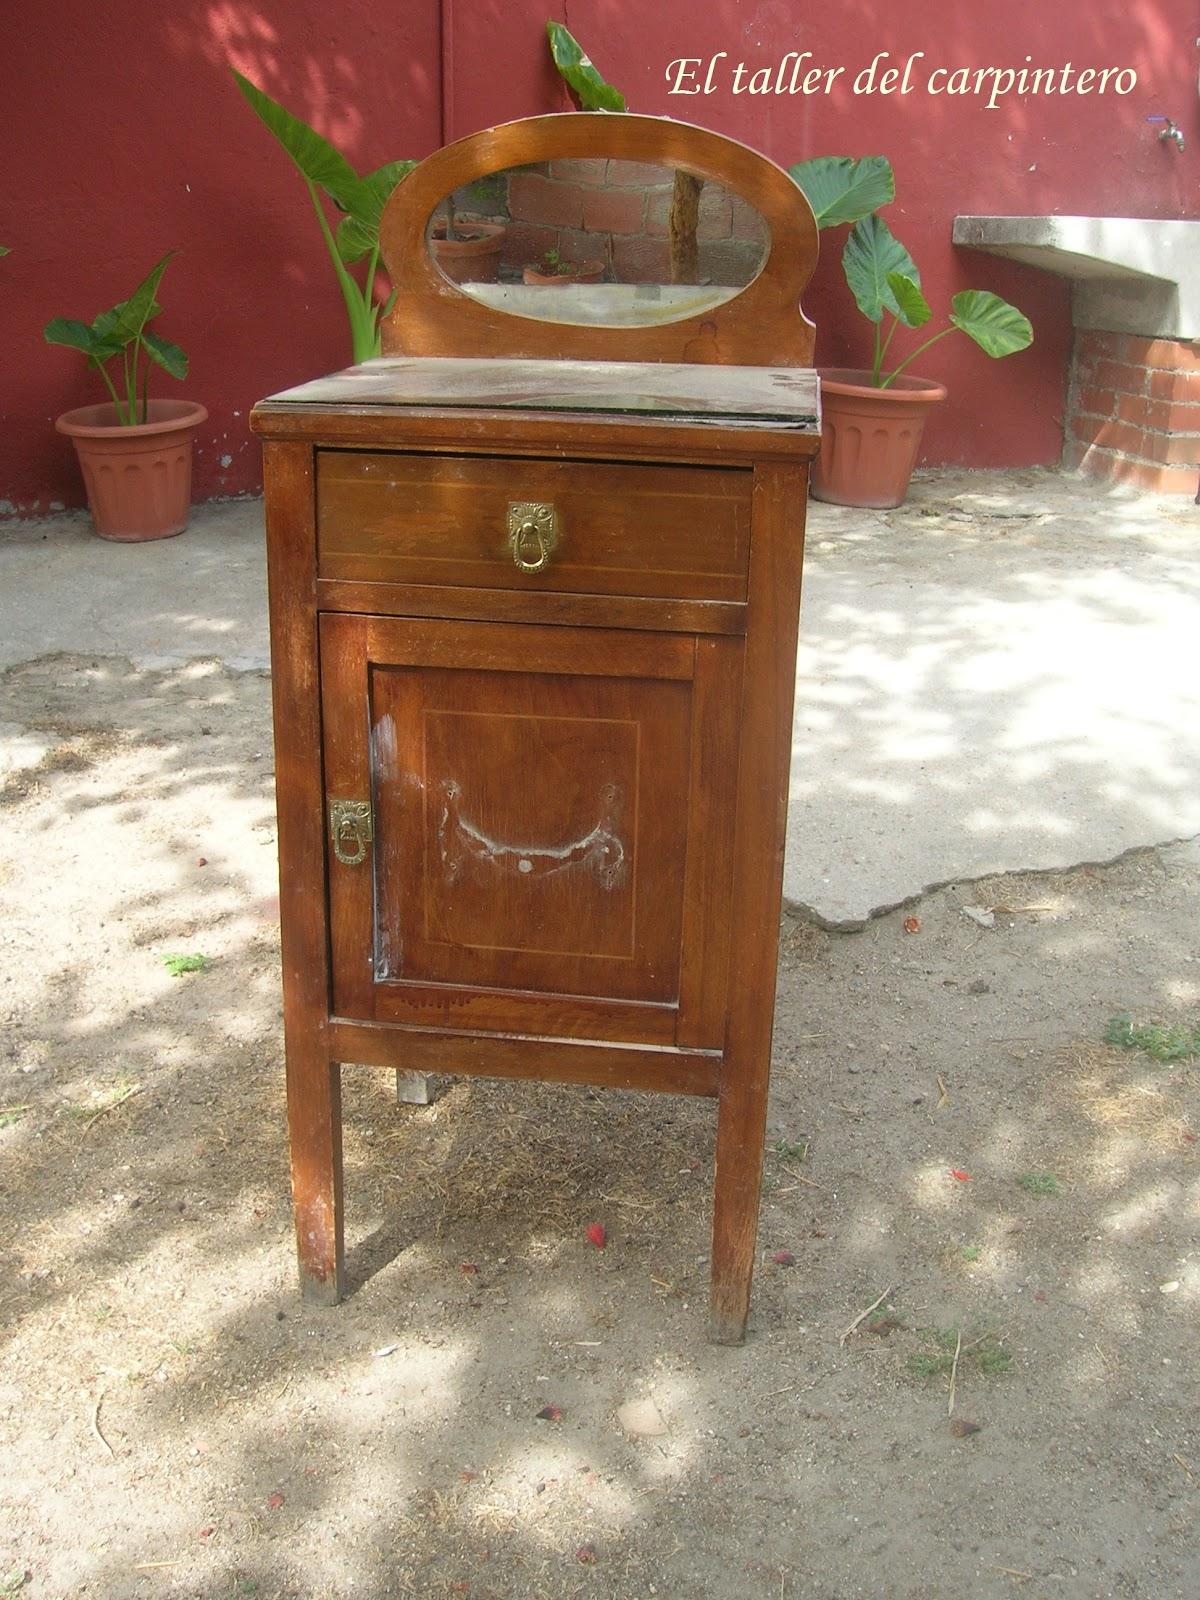 El taller del carpintero mesillas de noche - Mesillas antiguas ...